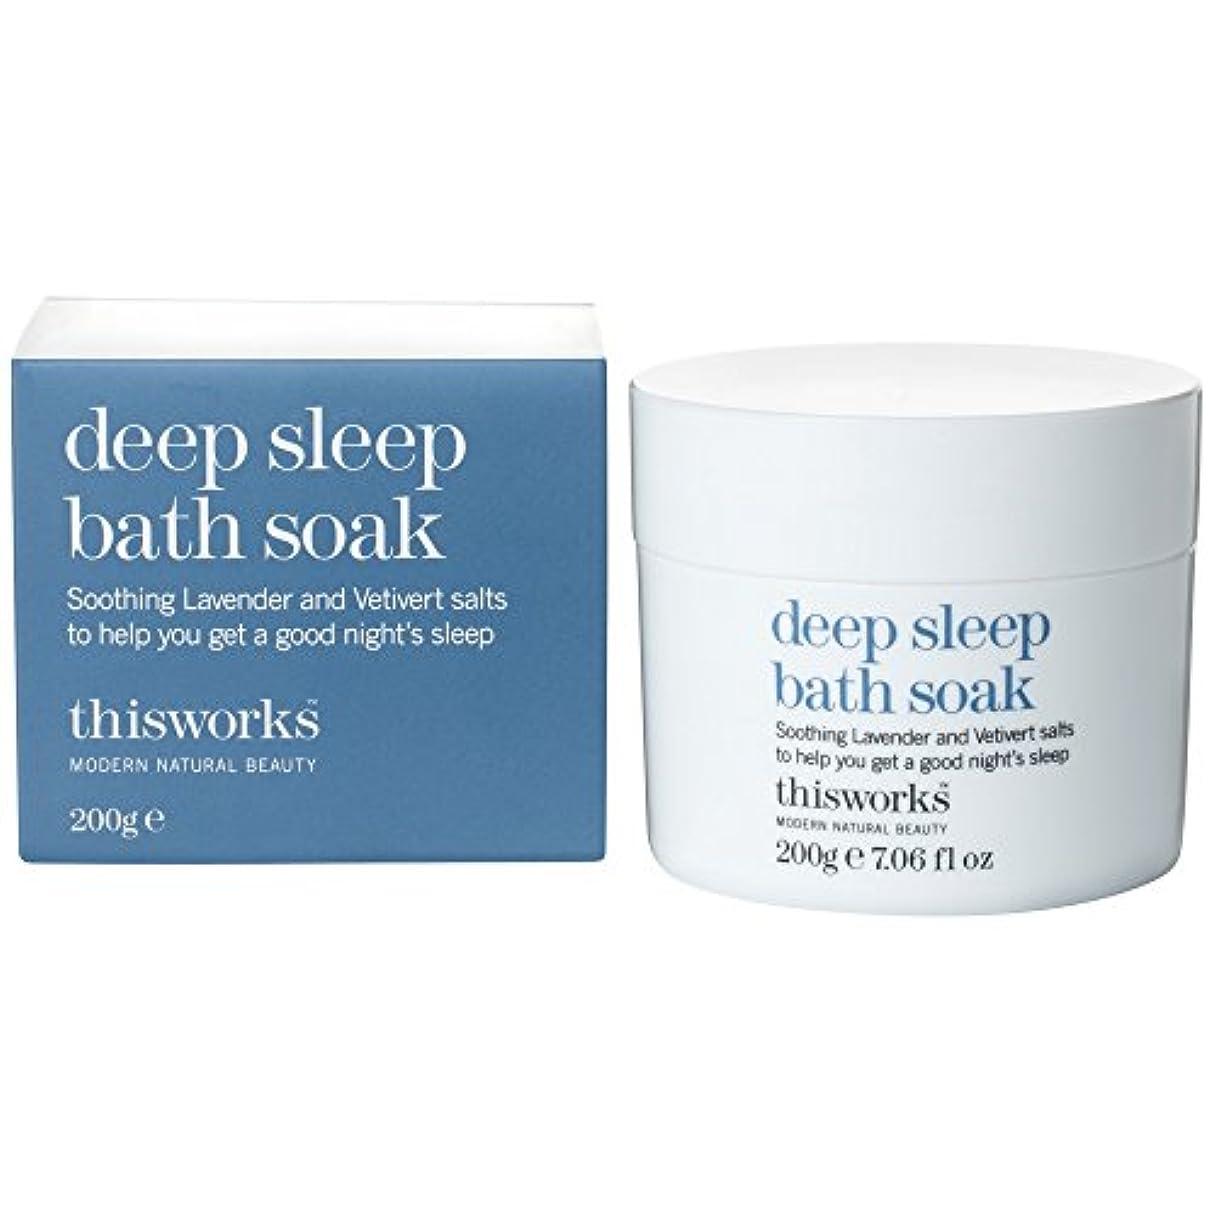 スカリー振り返る用量これは、深い眠り浴が200グラムを浸す働きます (This Works) - This Works Deep Sleep Bath Soak 200g [並行輸入品]